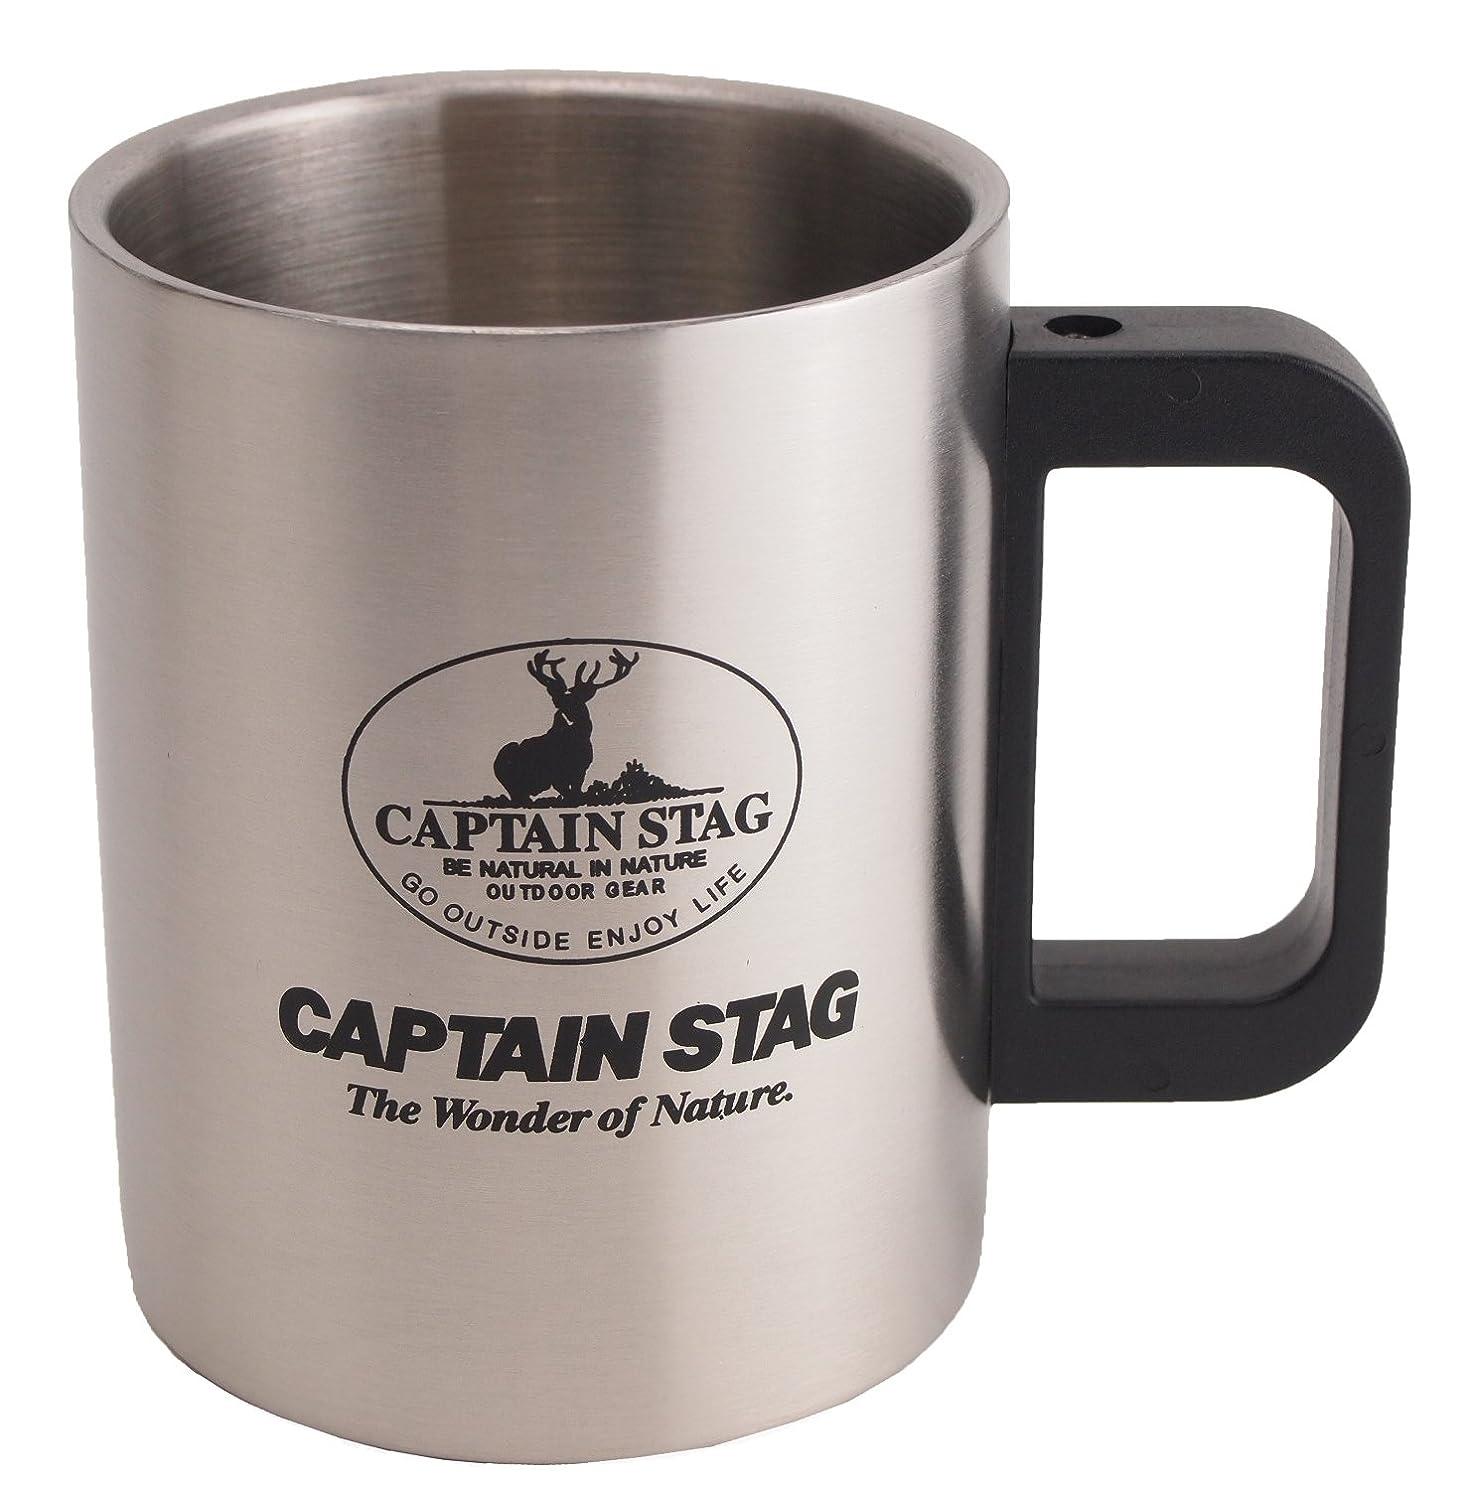 眩惑するフォアマンまあキャプテンスタッグ(CAPTAIN STAG) バーベキュー BBQ用 コップ マグカップ フリーダムダブルステン